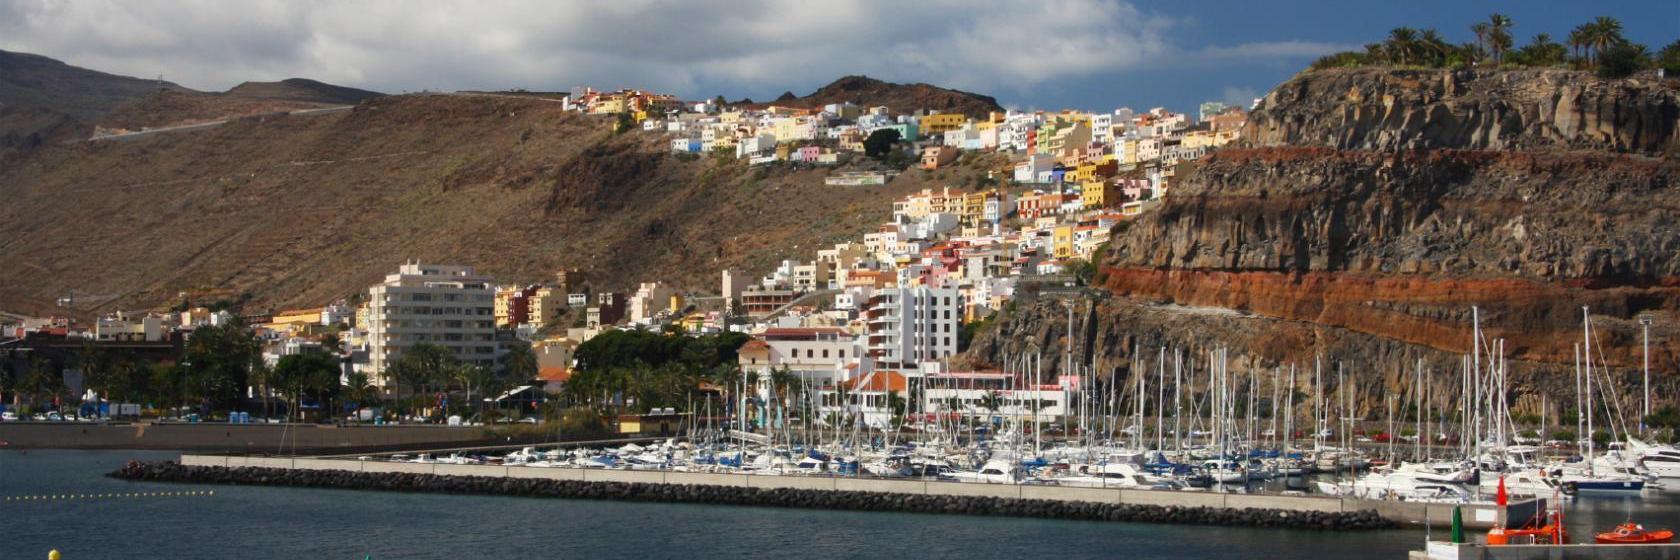 El Gobierno de Canarias destina 2,7 millones a las presas públicas de San Sebastián de La Gomera